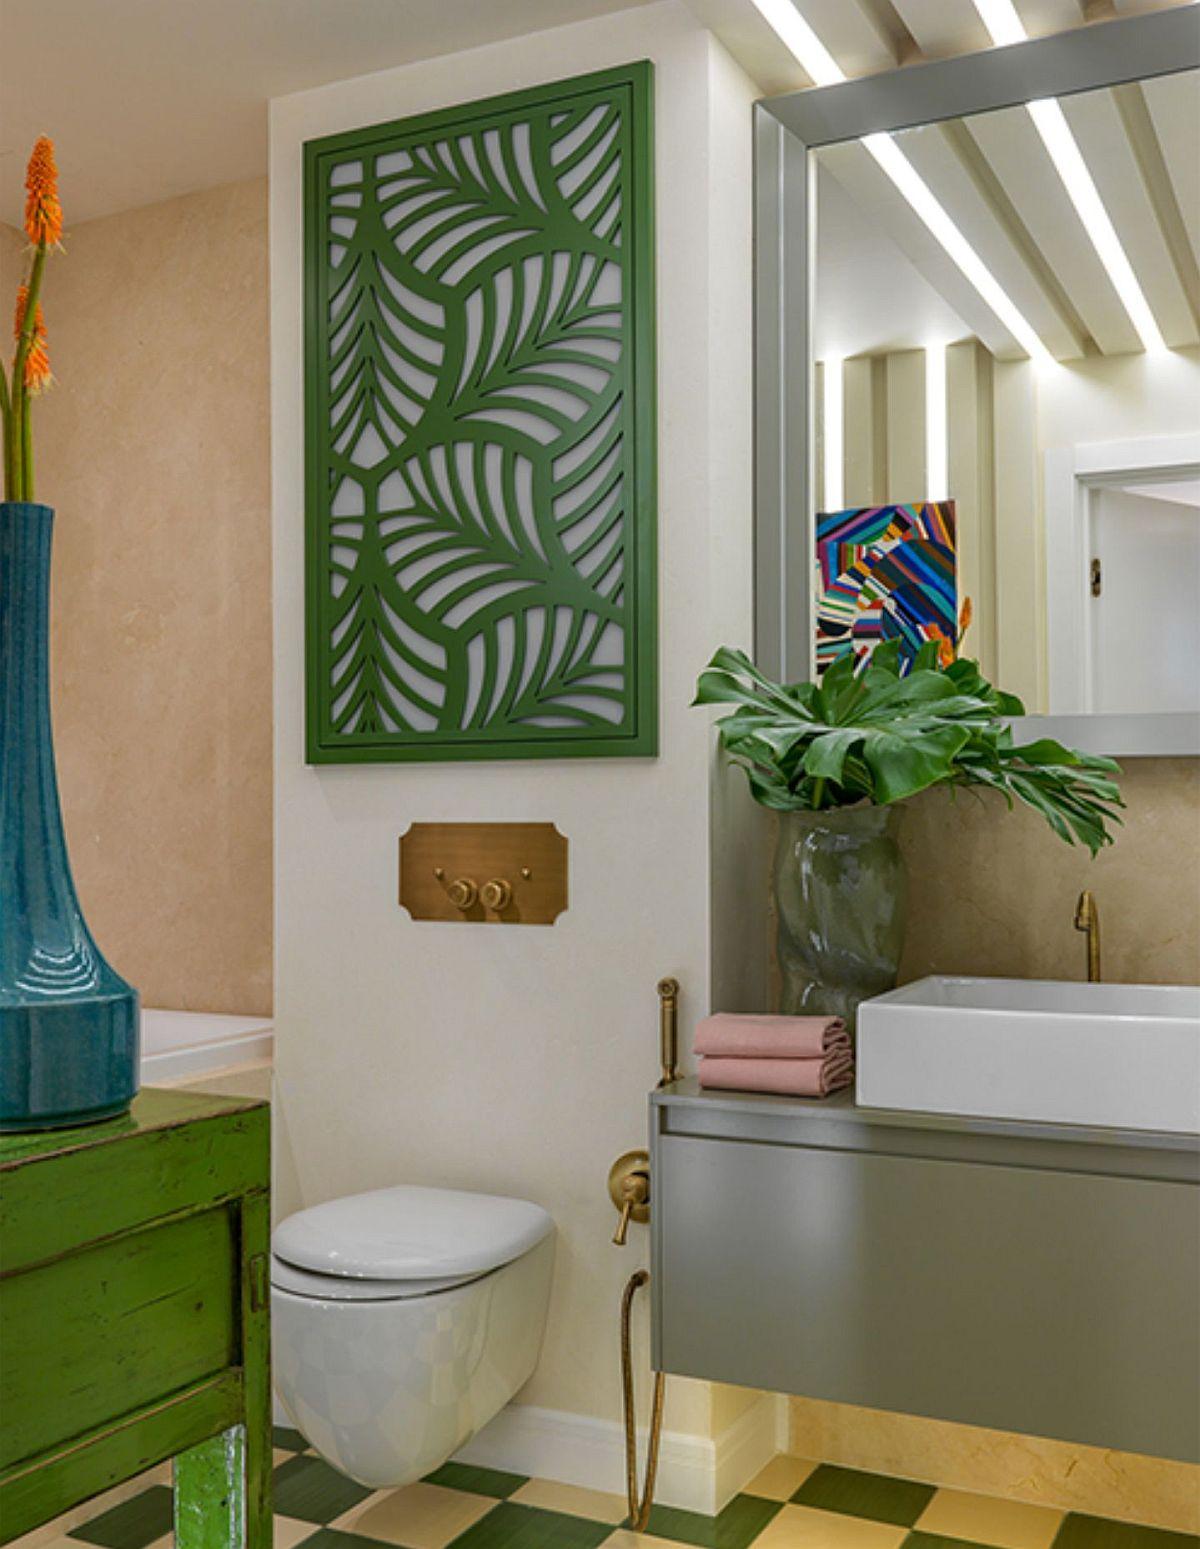 Deasupra vasului de toaletă a fost montat un panou decorativ traforat din MDF cu motive vegetale.